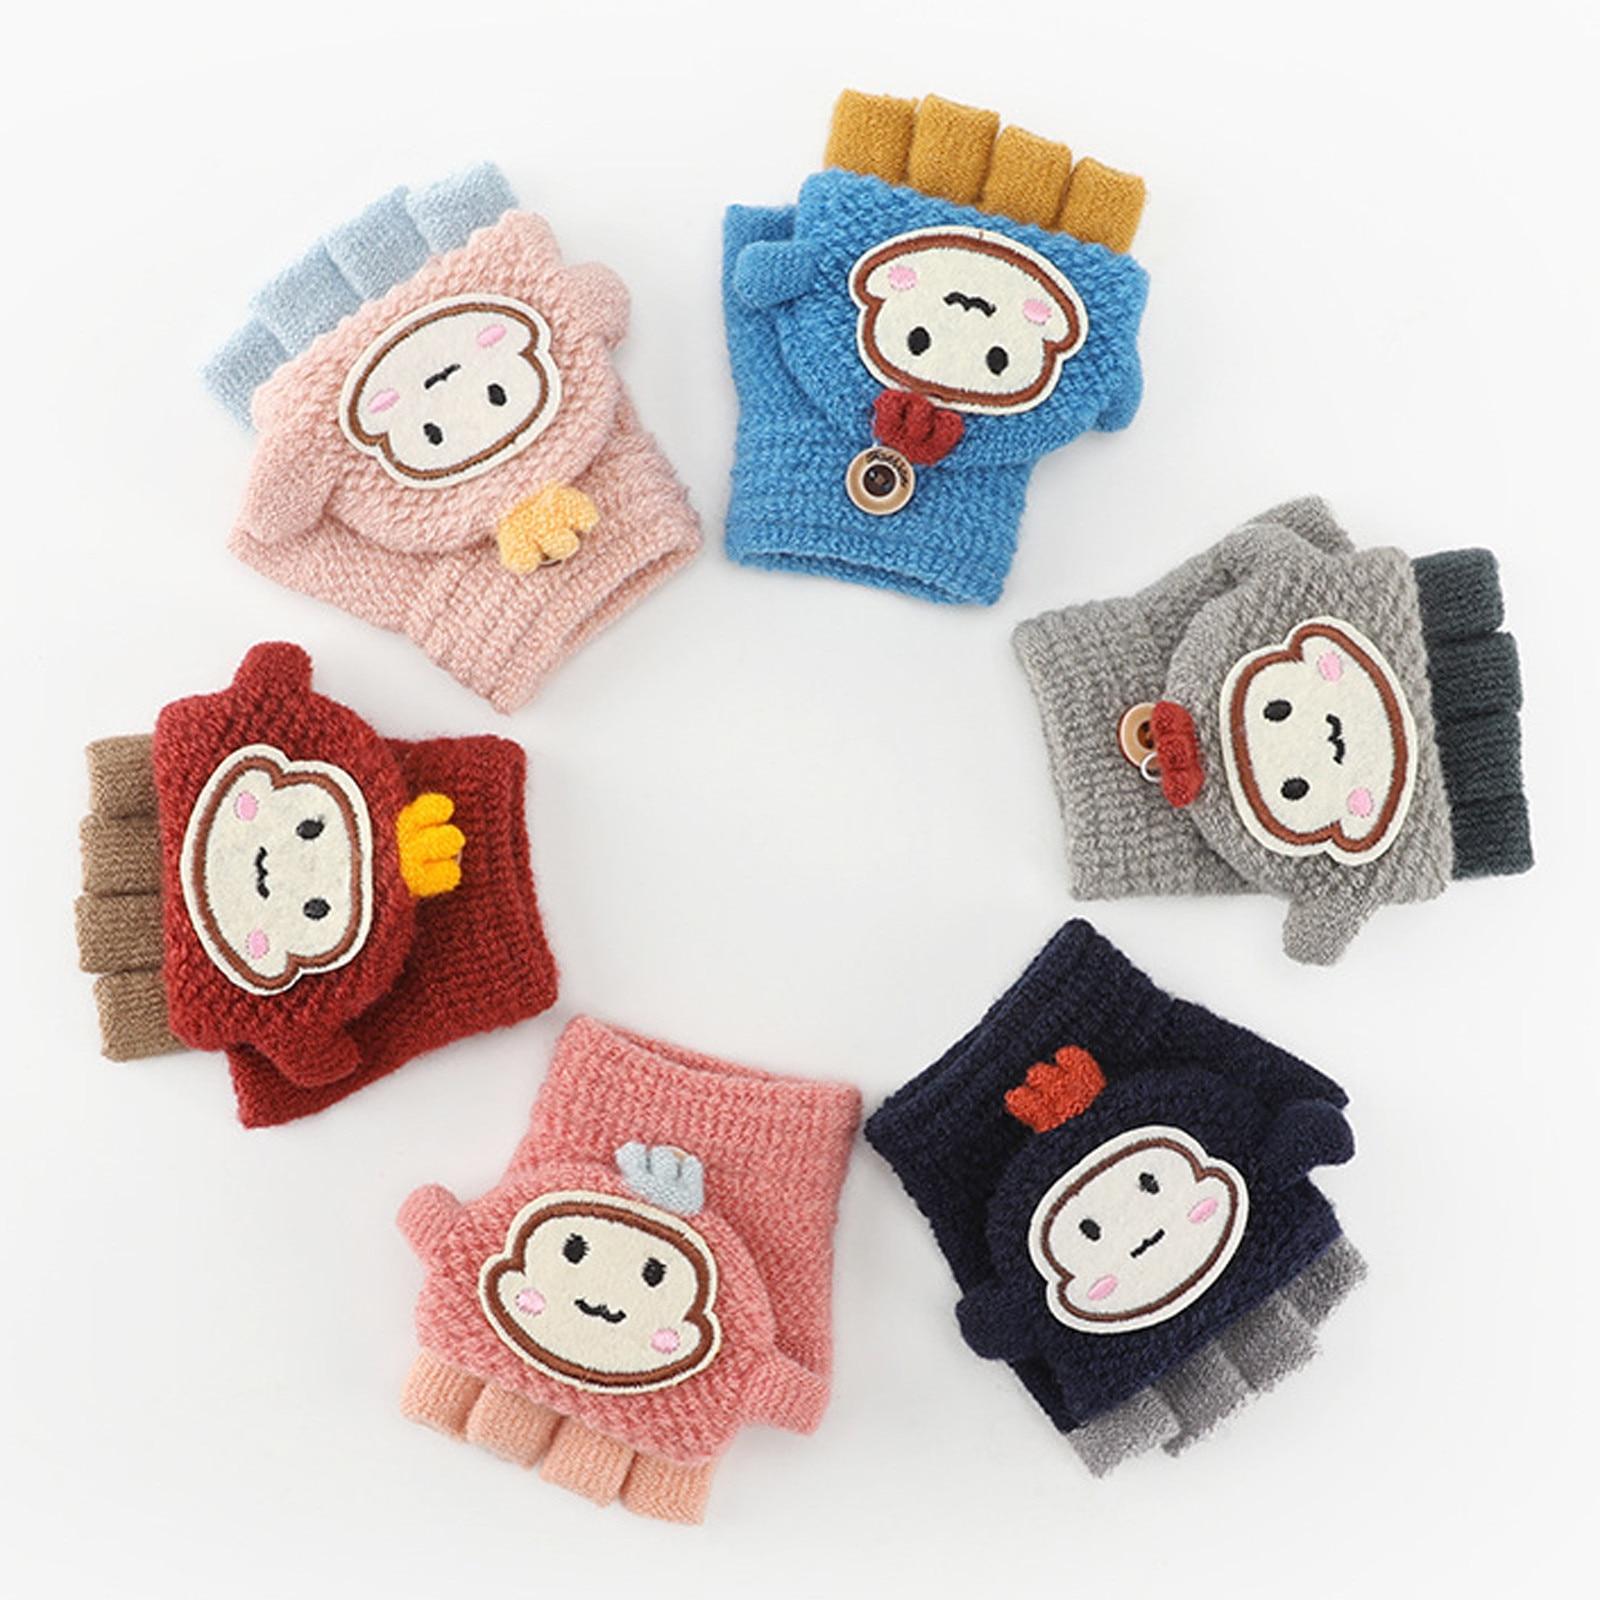 Зимние вязаные детские перчатки От 1 до 12 лет, теплые мягкие носки из кроличьей шерсти с рисунком перчатки детские митенки для маленьких мал...